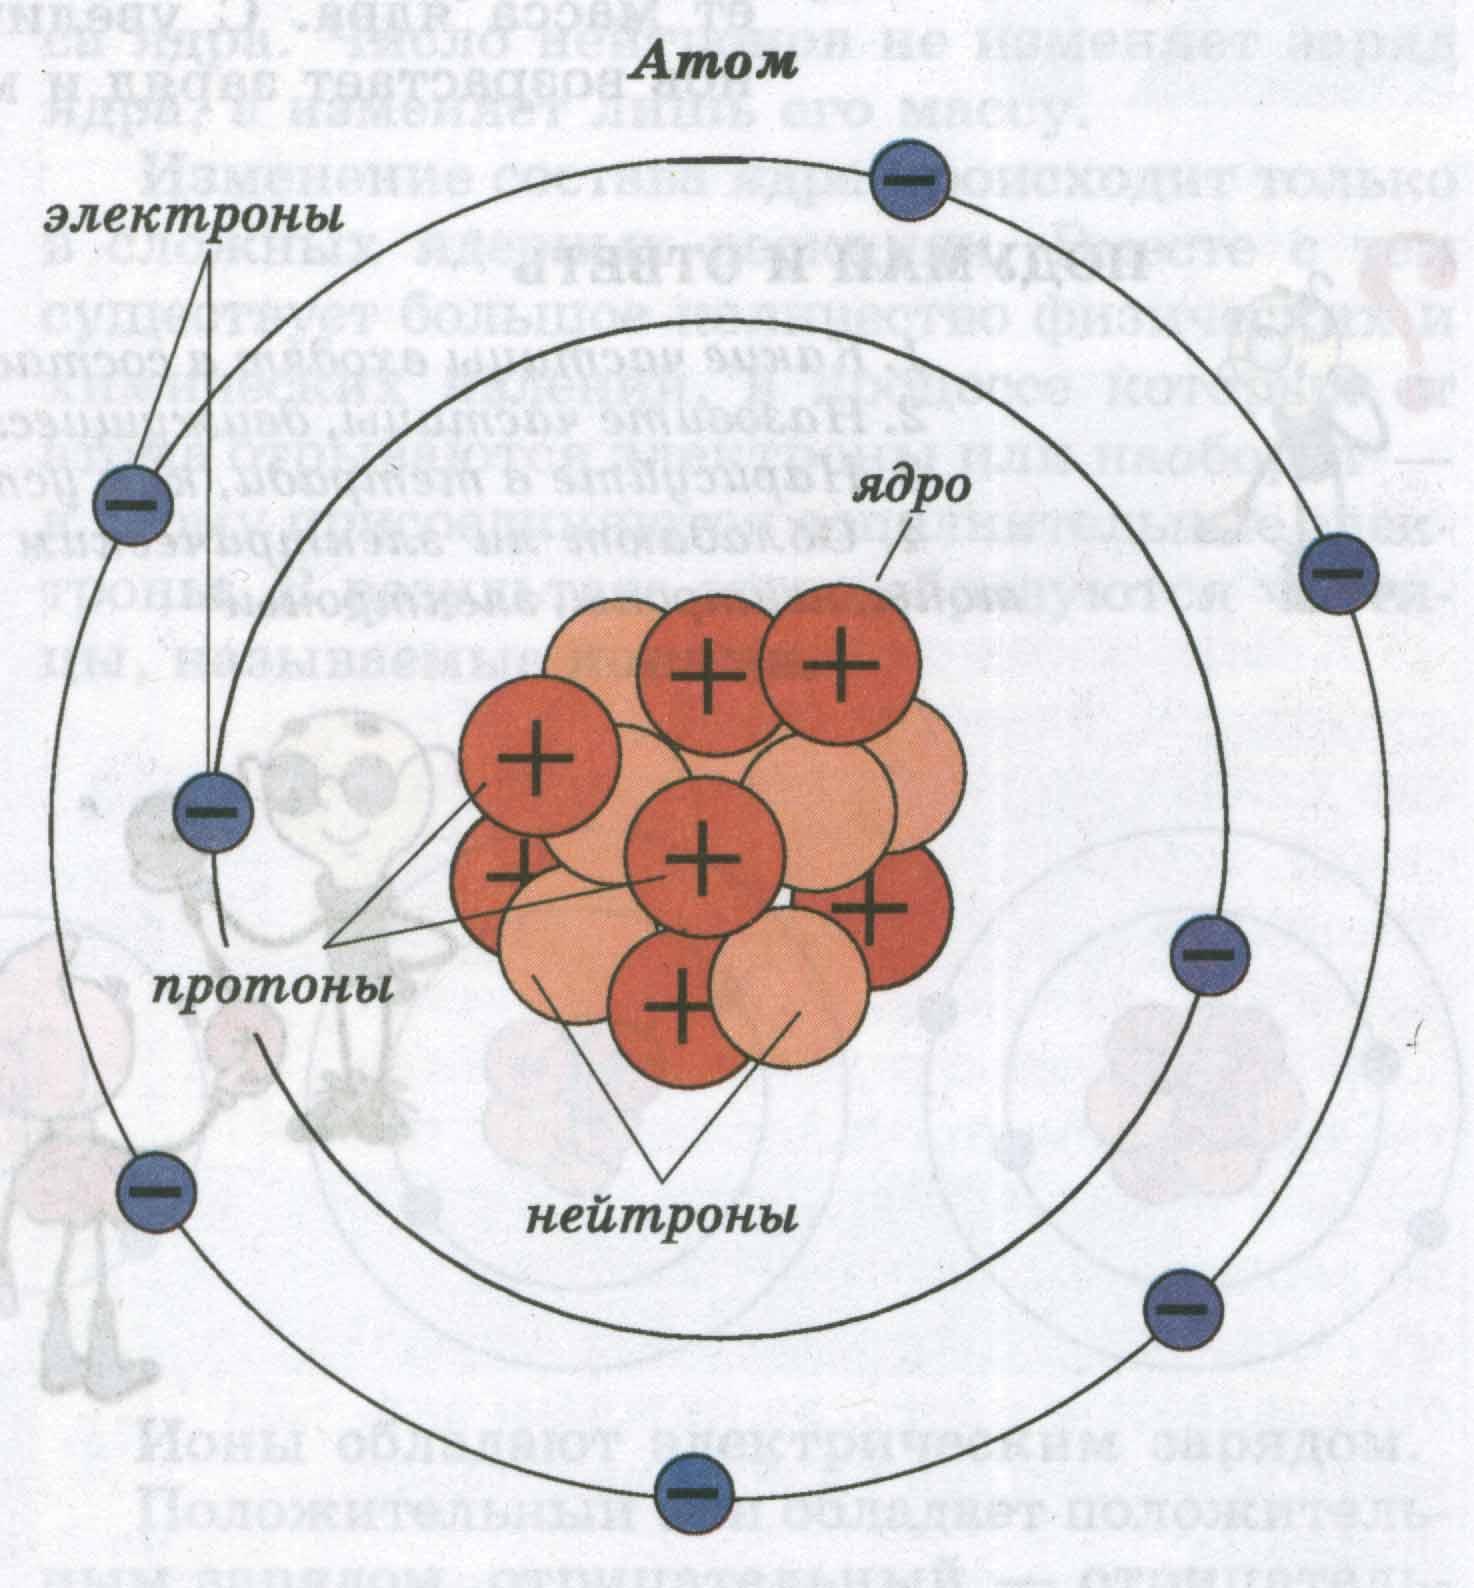 атом ядро картинки салона